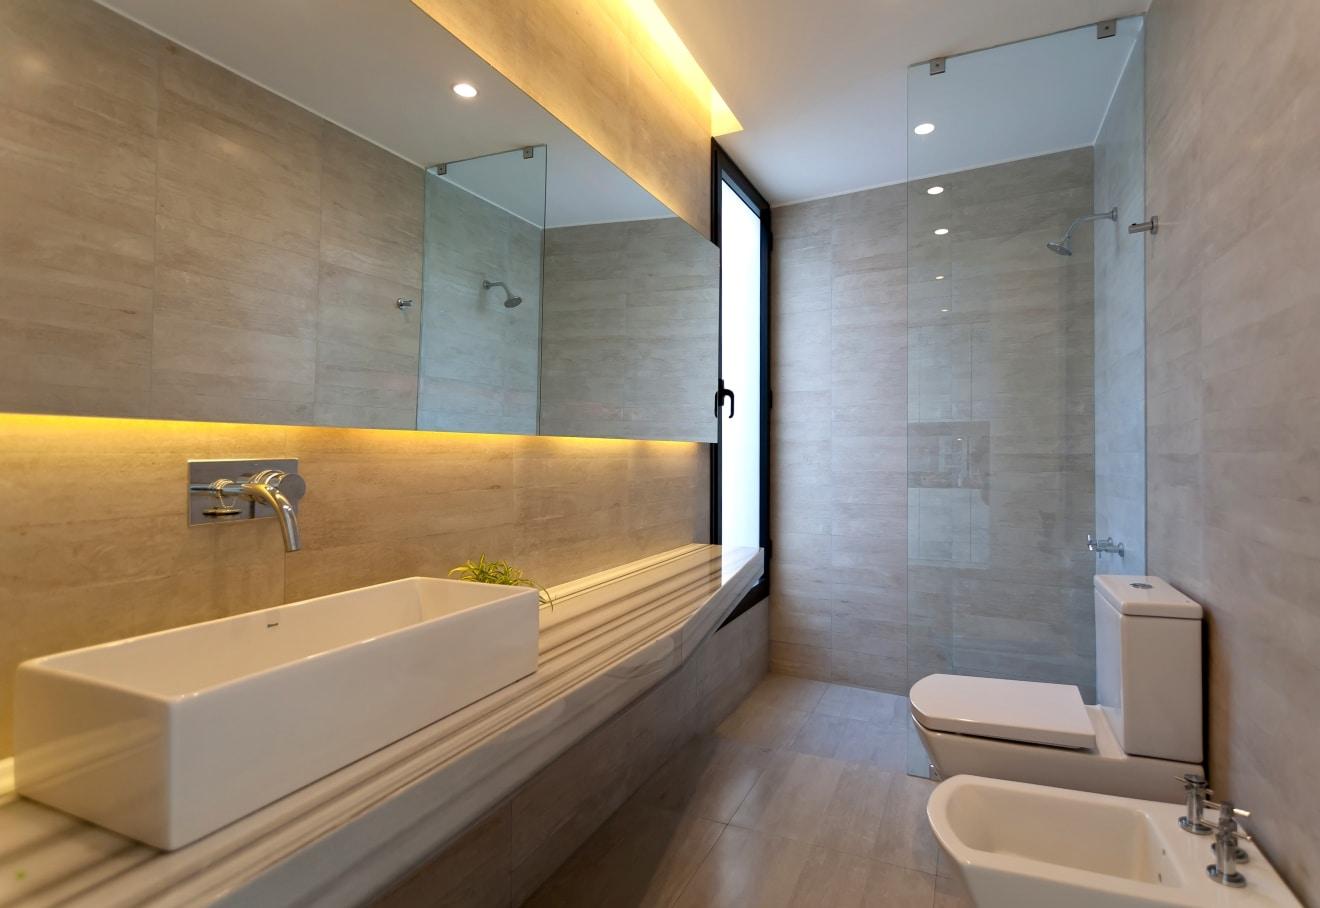 Planos de casa de dos pisos moderna Diseno de una habitacion con bano